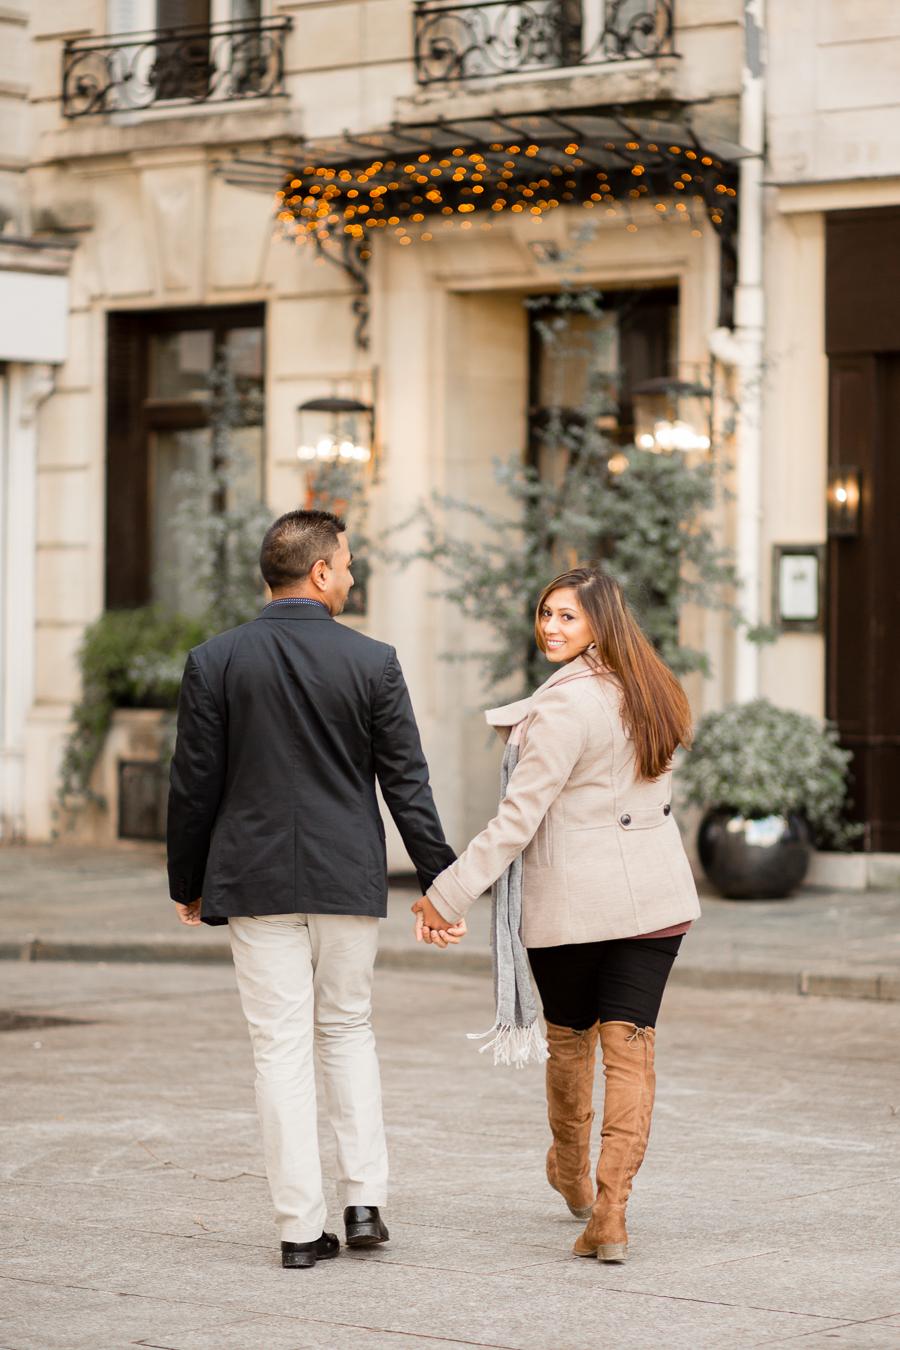 Paris-Engagement-Session-Jardin-du-Luxembourg-Paris-6_008.jpg